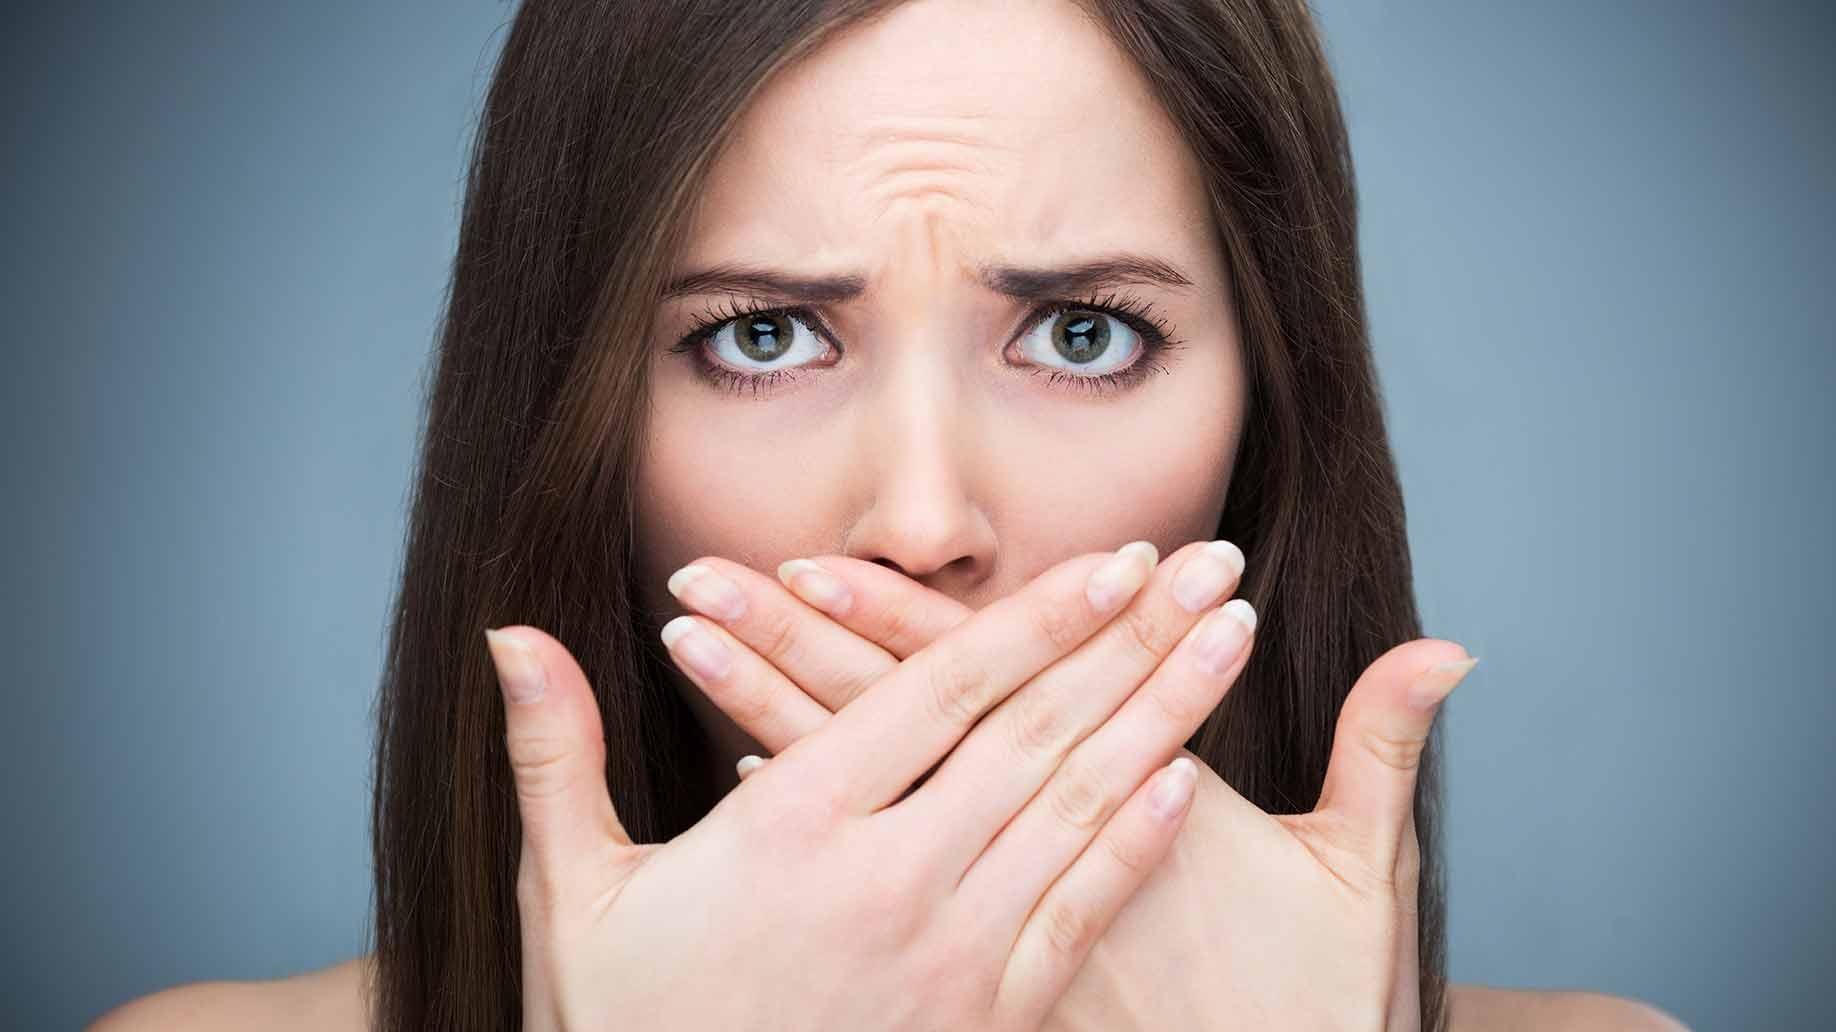 consejos para eliminar el mal aliento, mal aliento en majadahonda, halitosis en majadahonda, clínica dental majadahonda, dentista majadahonda, odontólogo majadahonda, dentista majadahonda, higiene oral majadahonda, dieta majadahonda, salud oral majadahonda